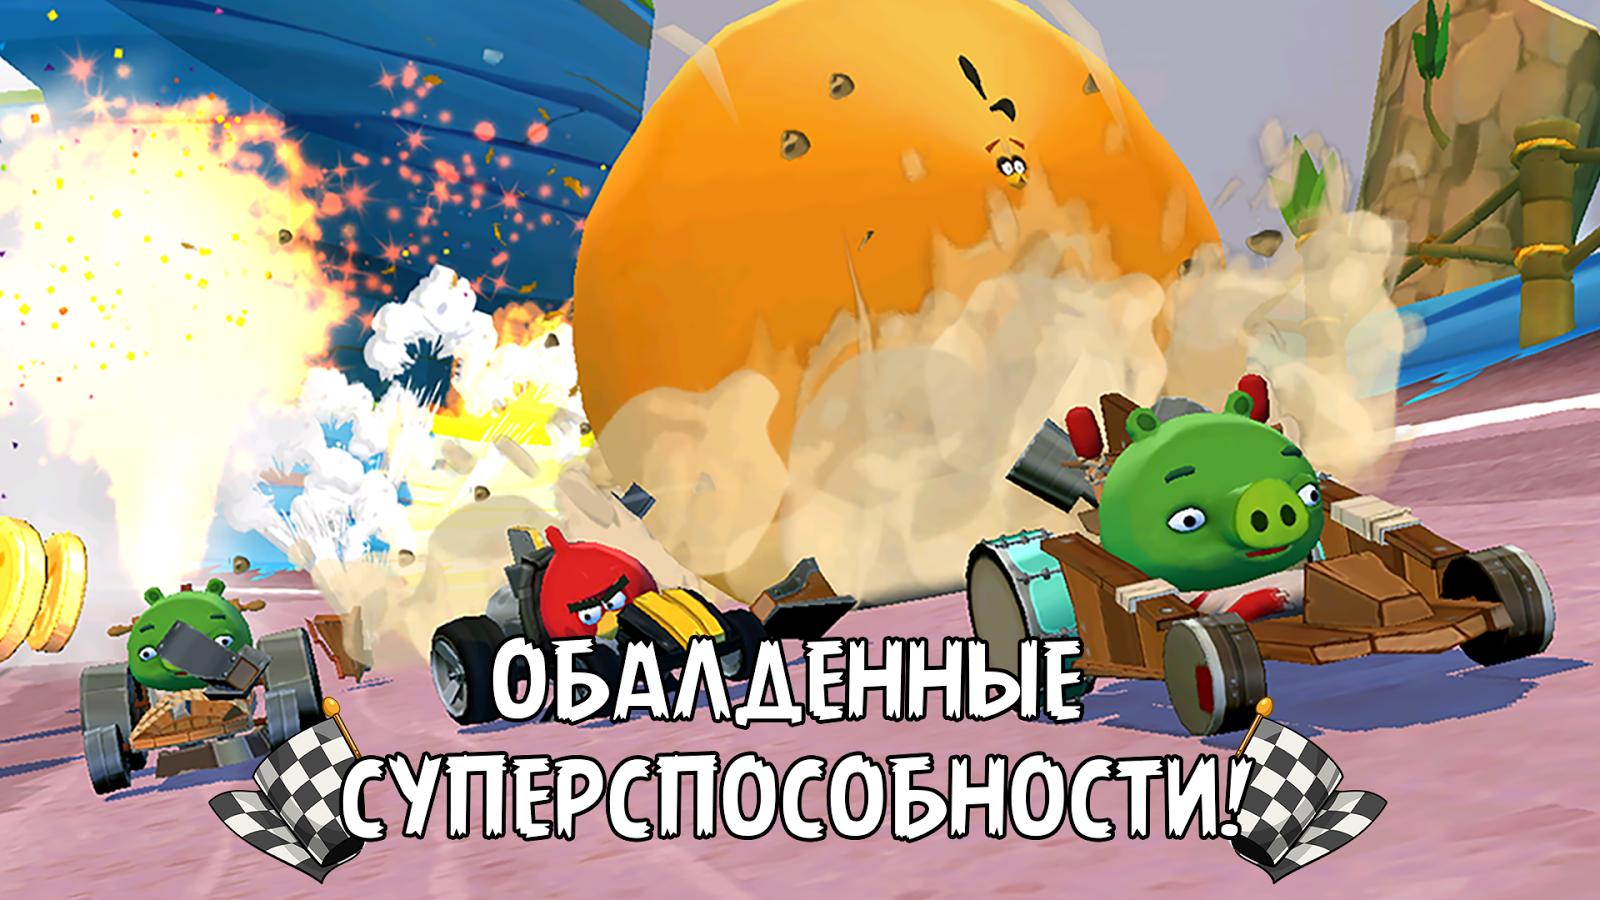 Angry Birds Go! - cкачать на телефон бесплатно. …